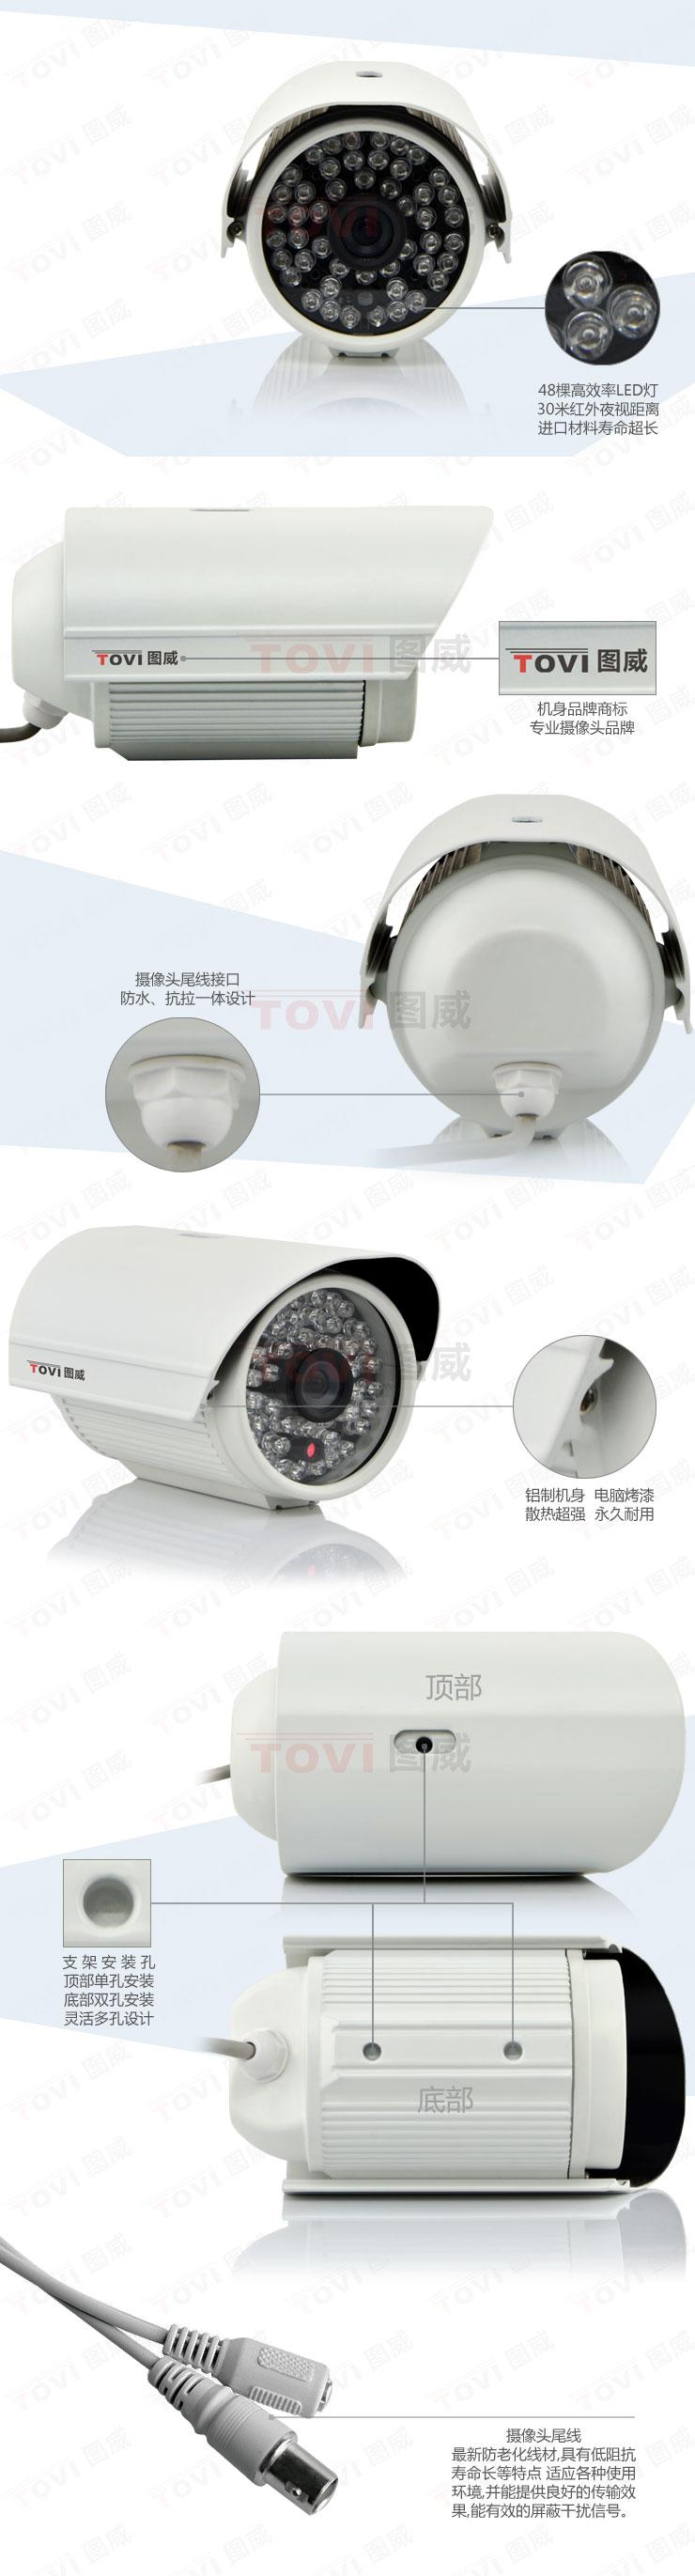 图威TV-CC2B15-IR3摄像机展示